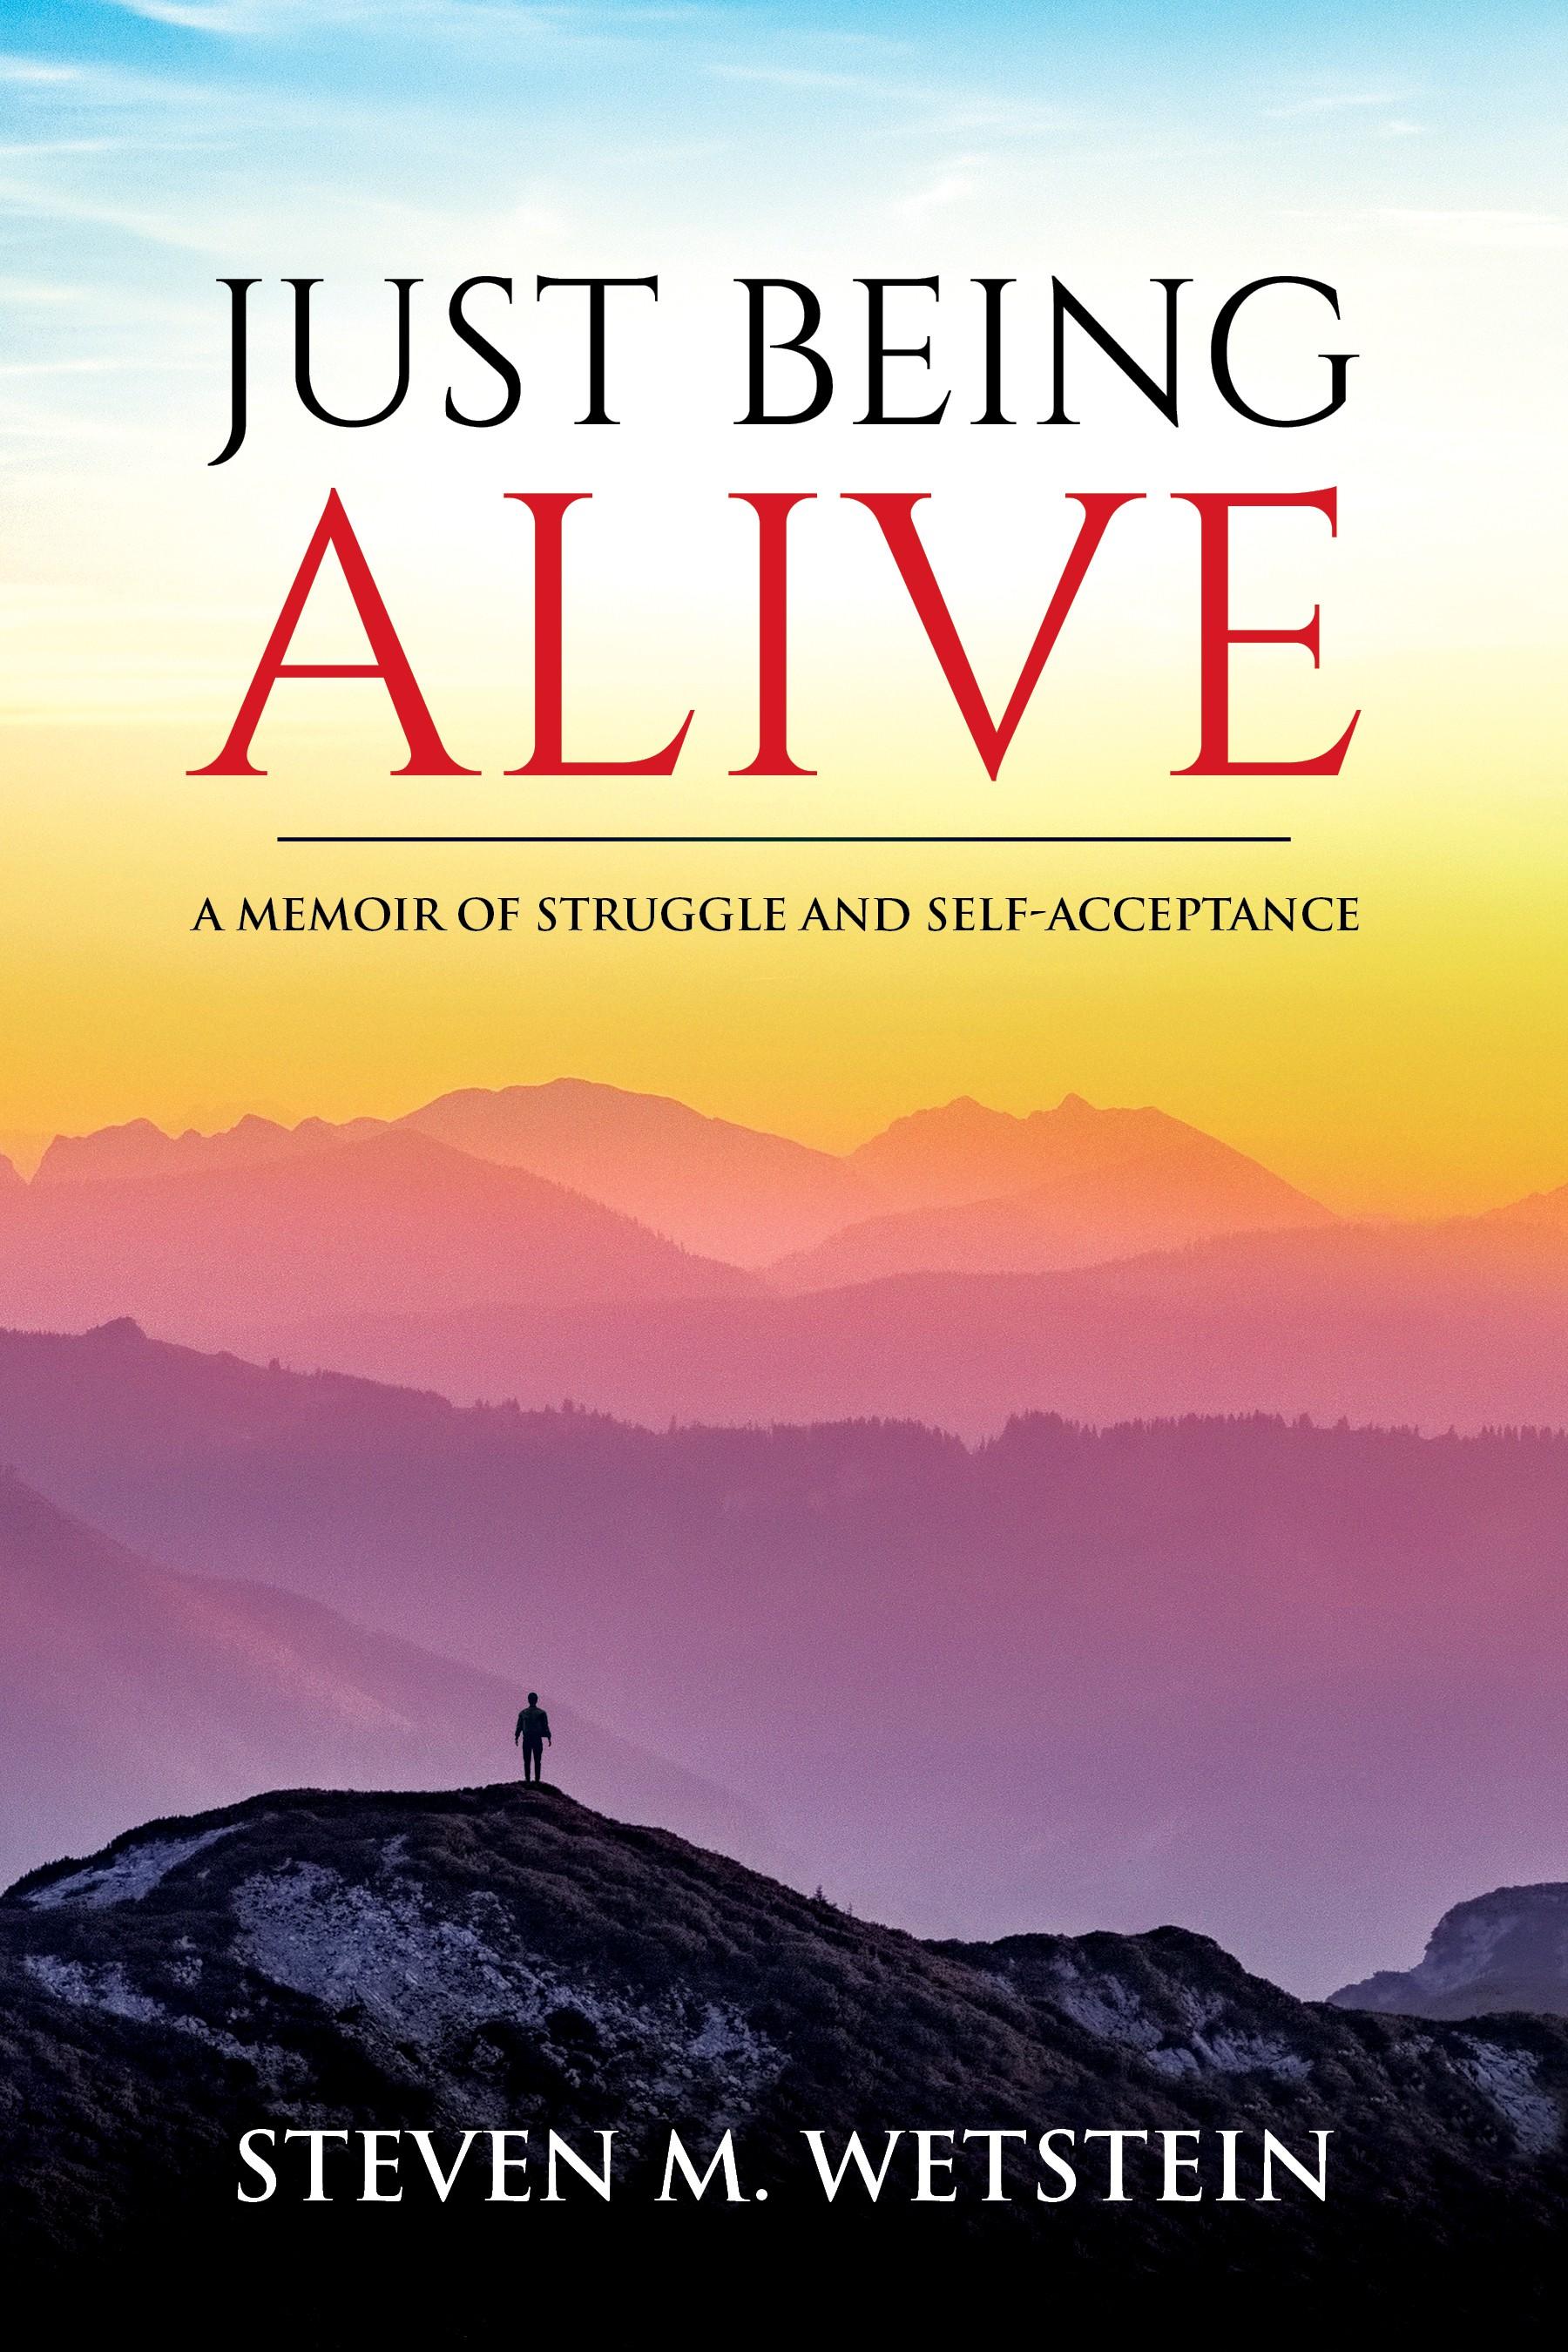 Steven M. Wetstein: Ebook cover design for memoir